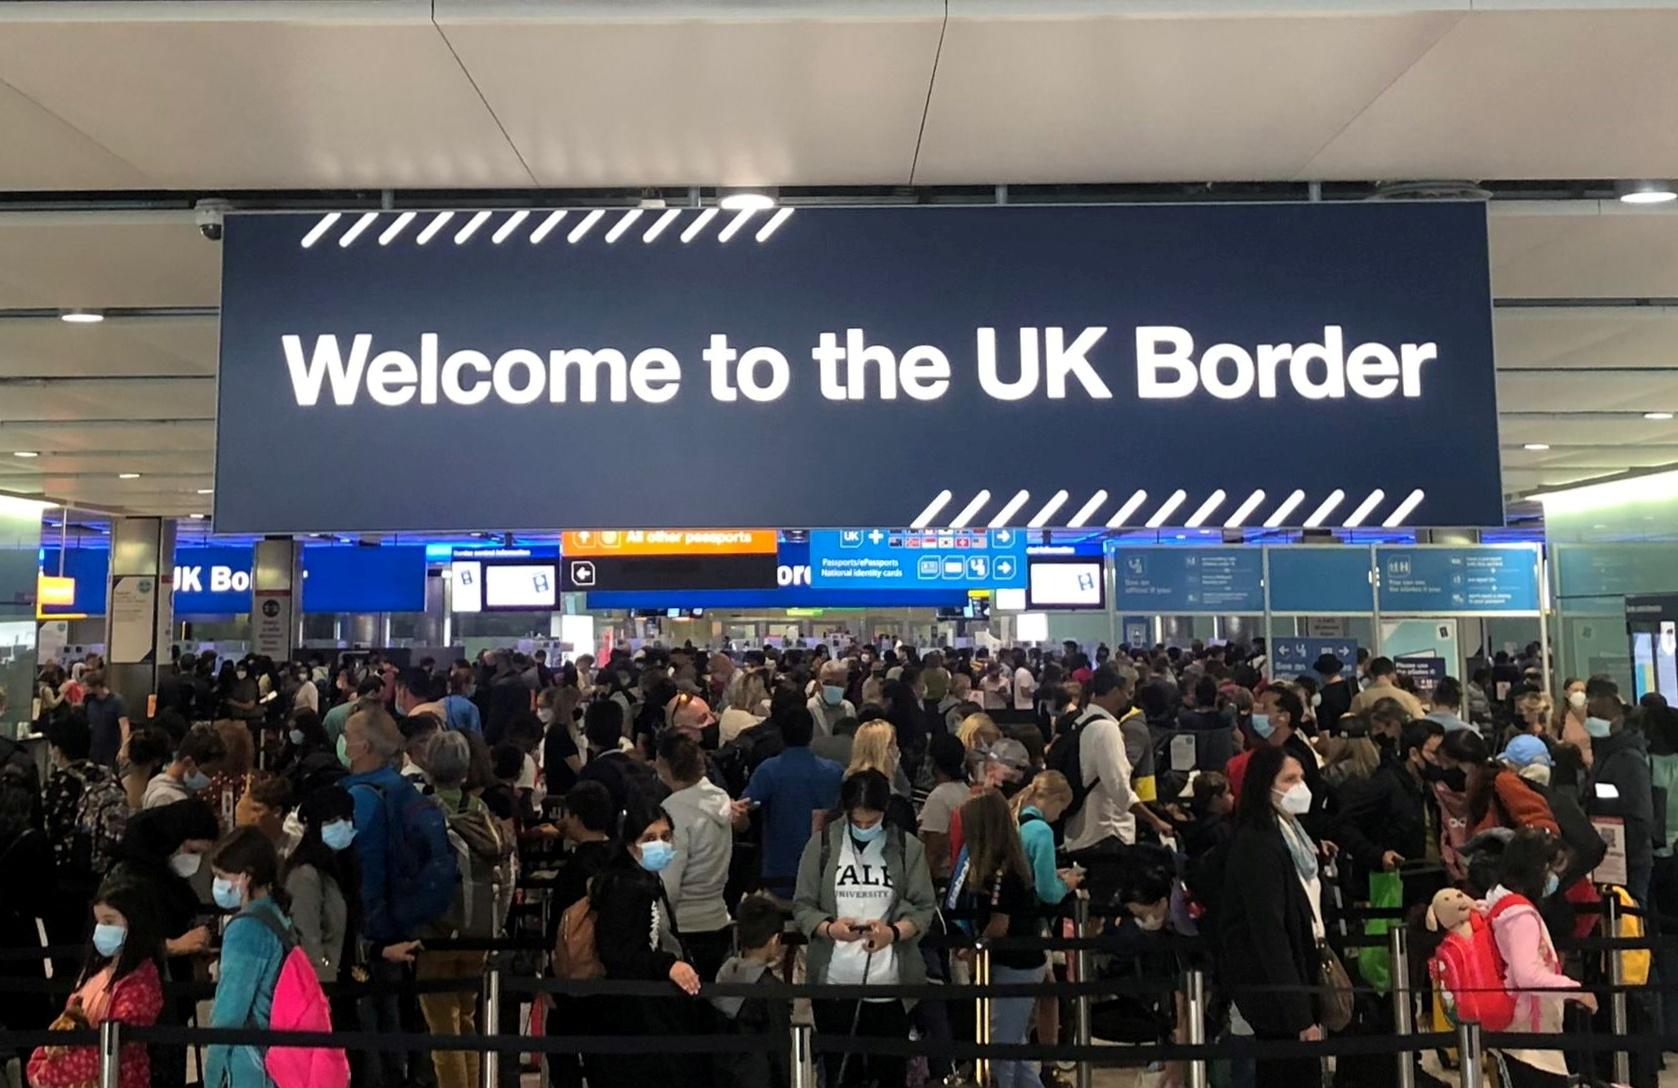 Μόνο με διαβατήριο τα ταξίδια στη Βρετανία: Τι αλλάζει από σήμερα